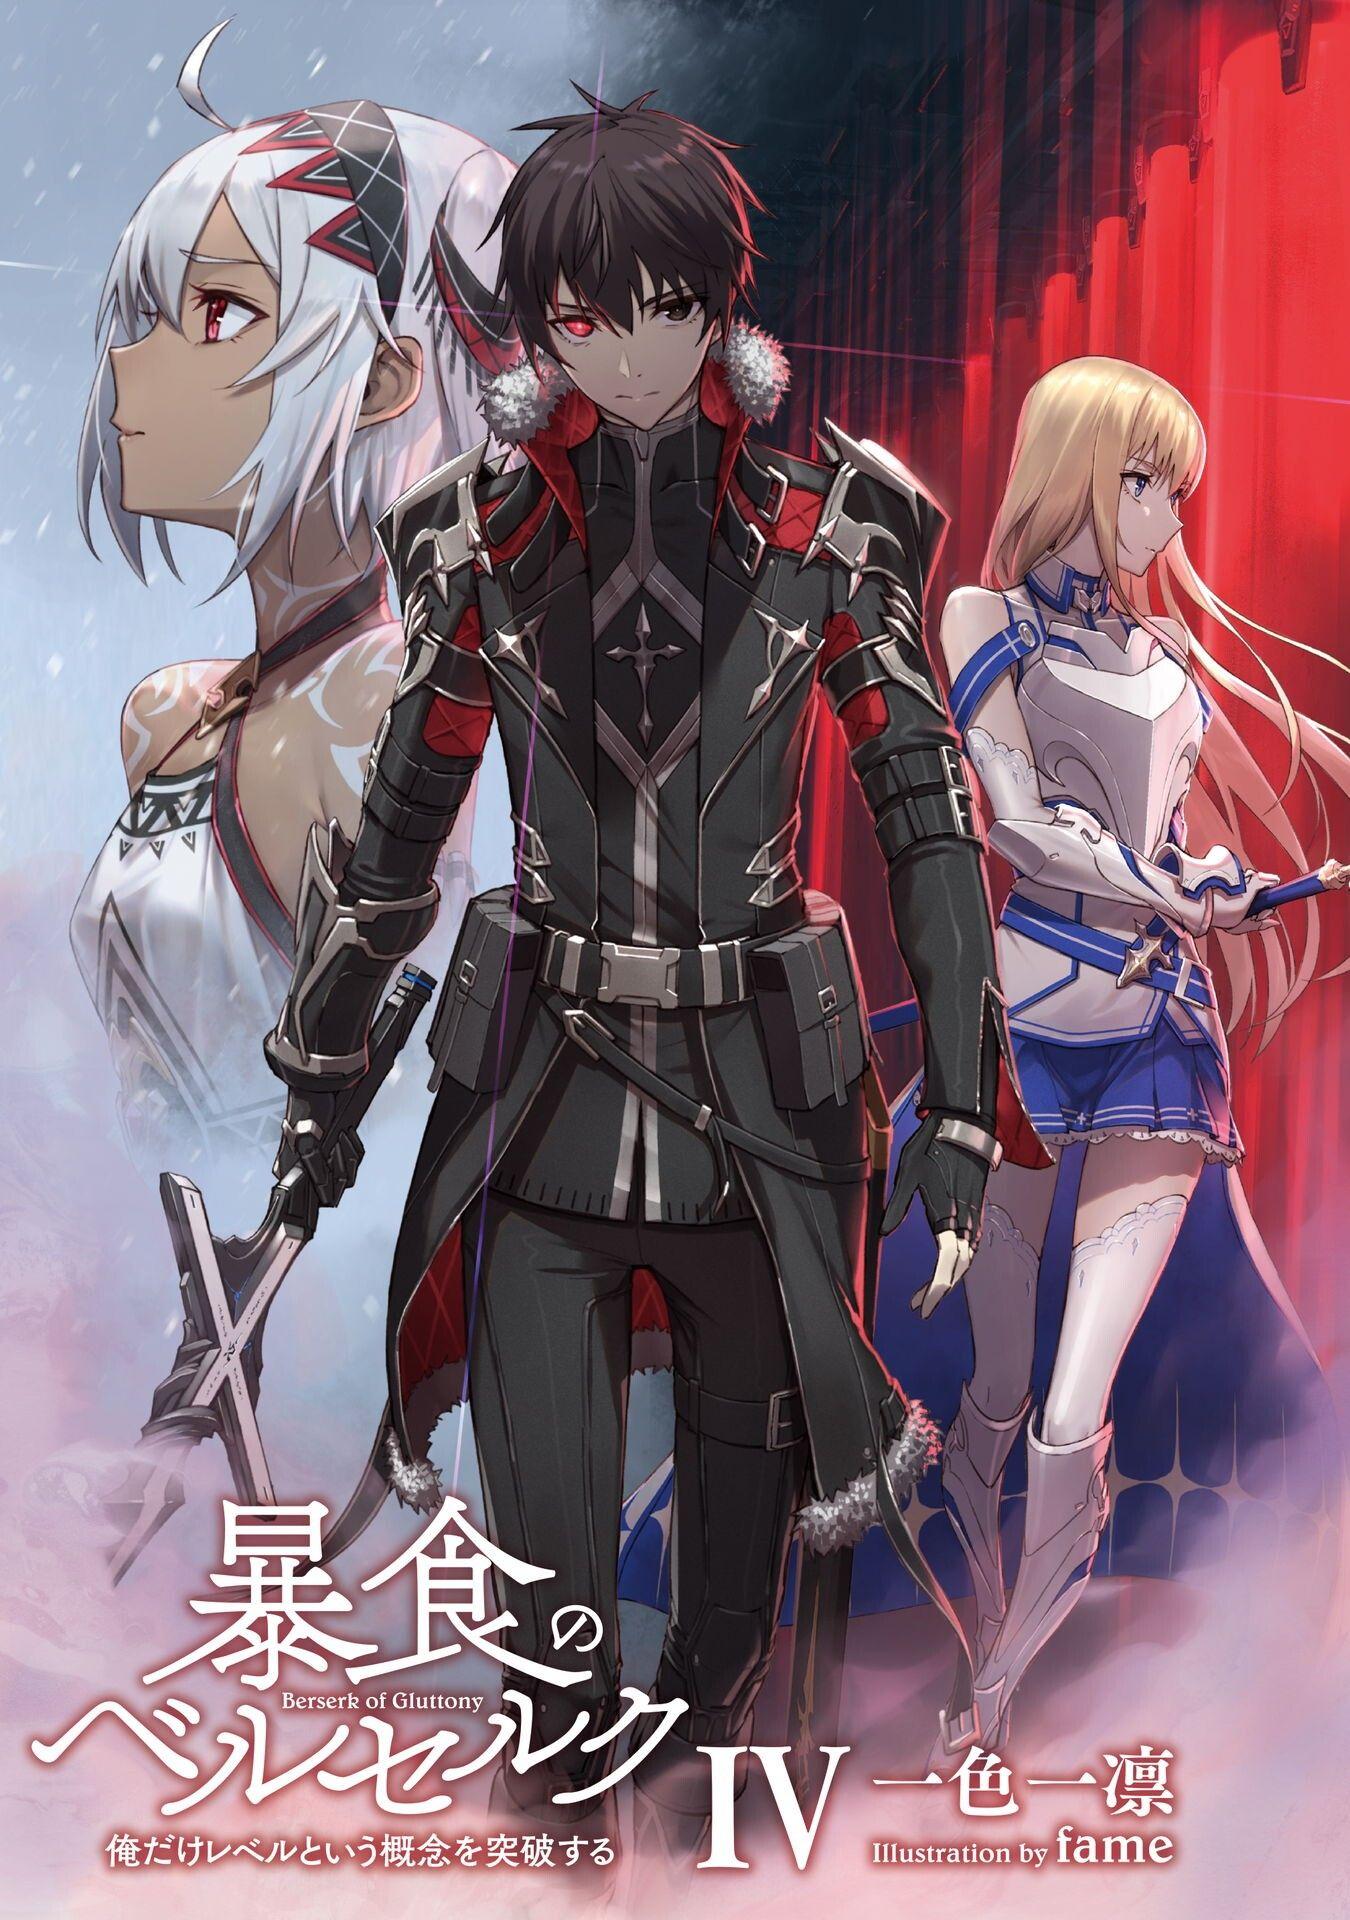 Pinterest in 2019 Anime art, Anime, Anime fantasy